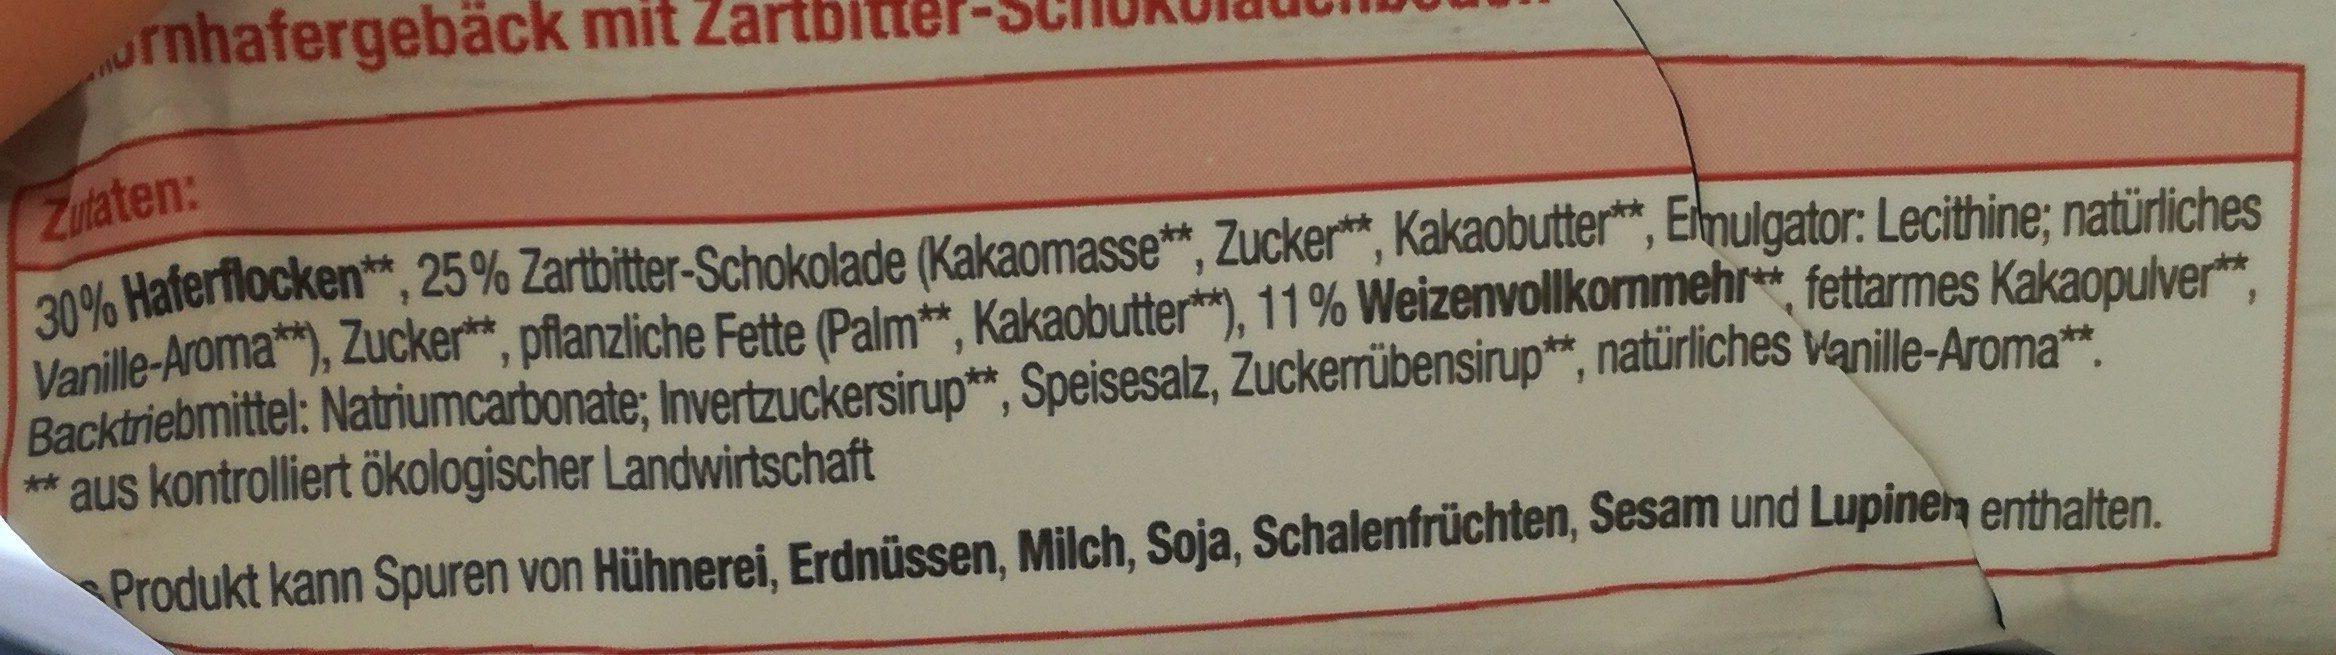 Hafercookies Zartbitterschokolade - Ingredients - de